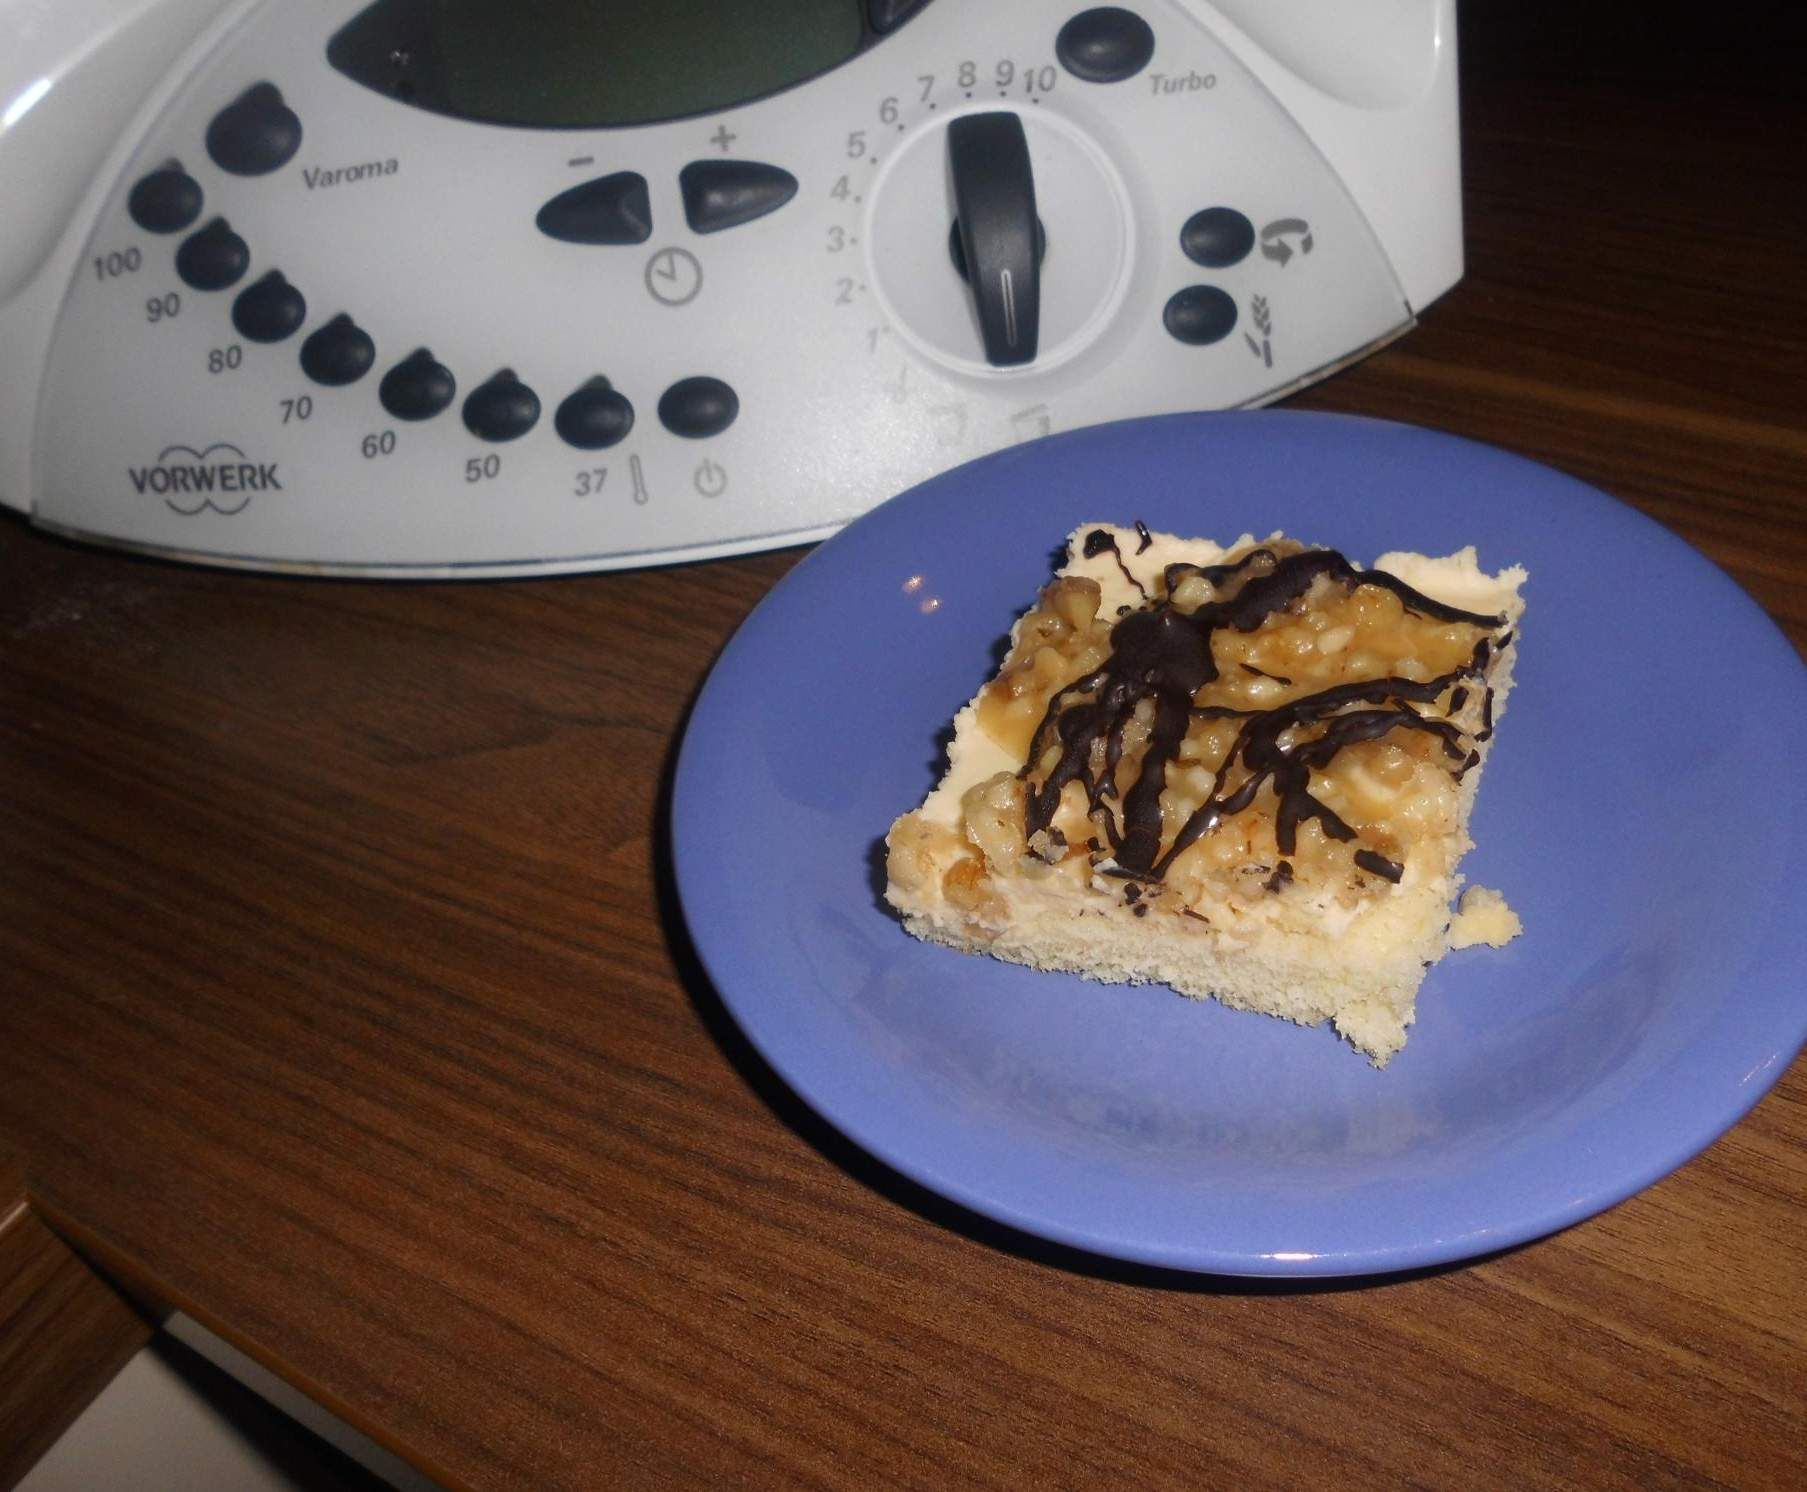 Friss Dich Dumm Kuchen Thermomix Tm 31 Sylvias Zauberkuchen Dreh